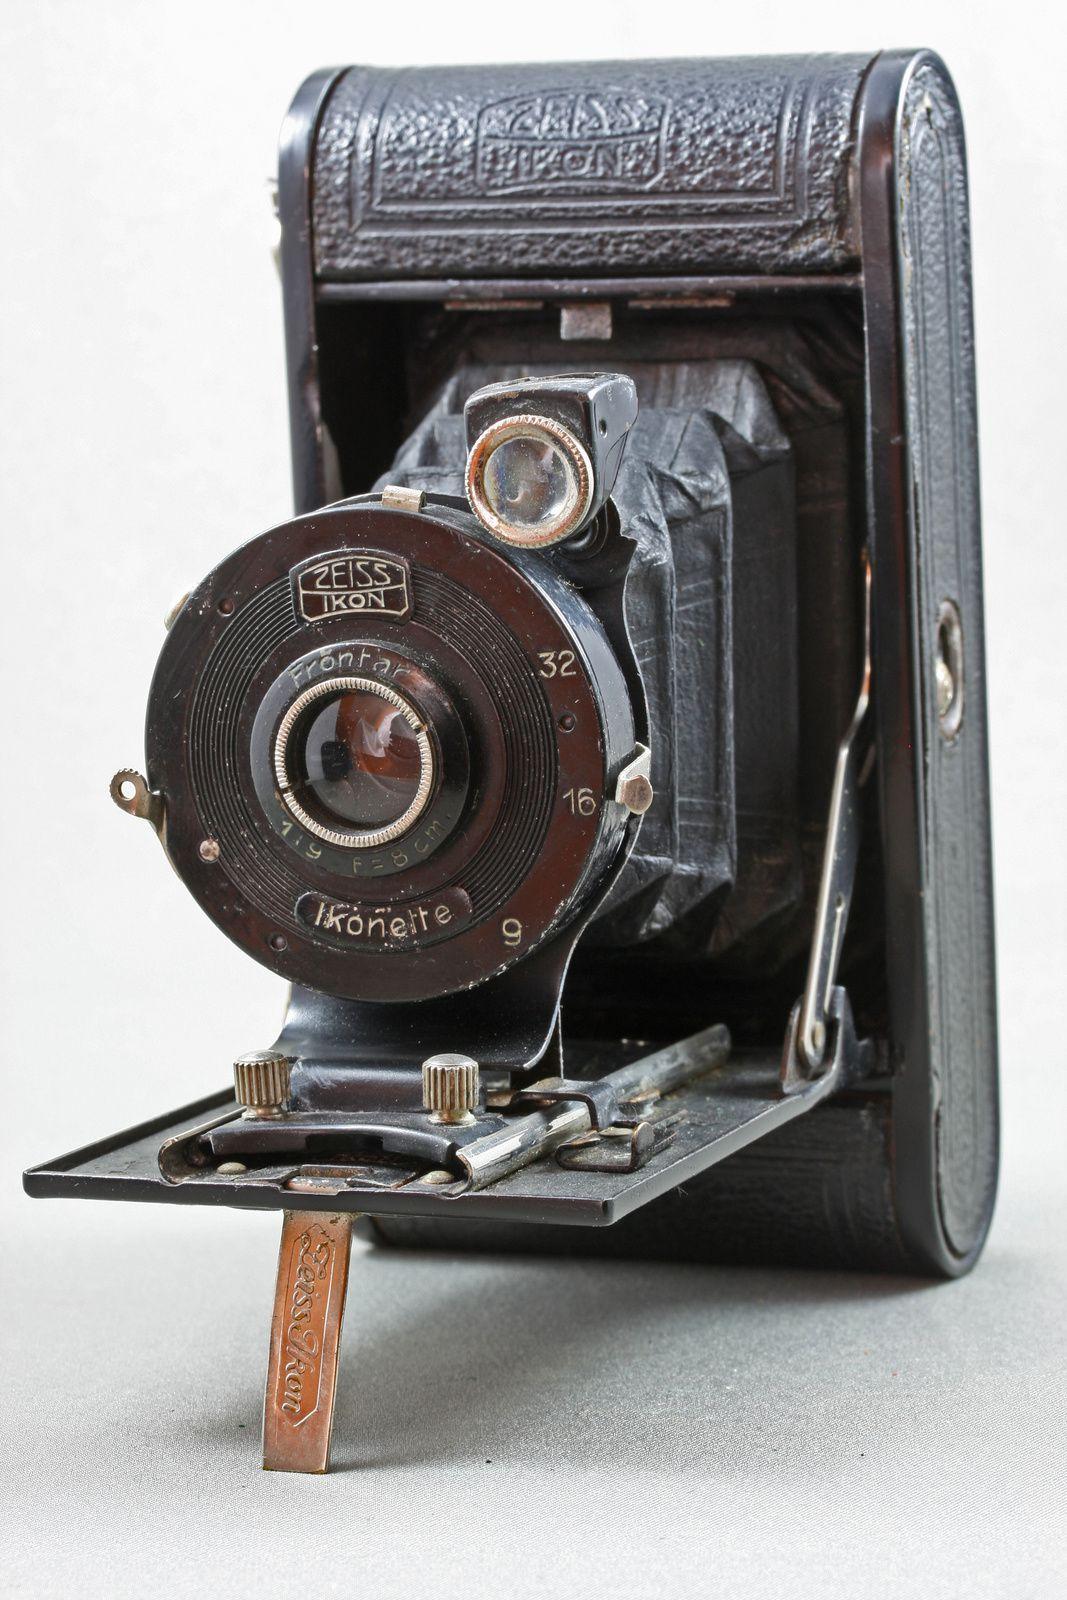 Ikonette 504/12 de 1928